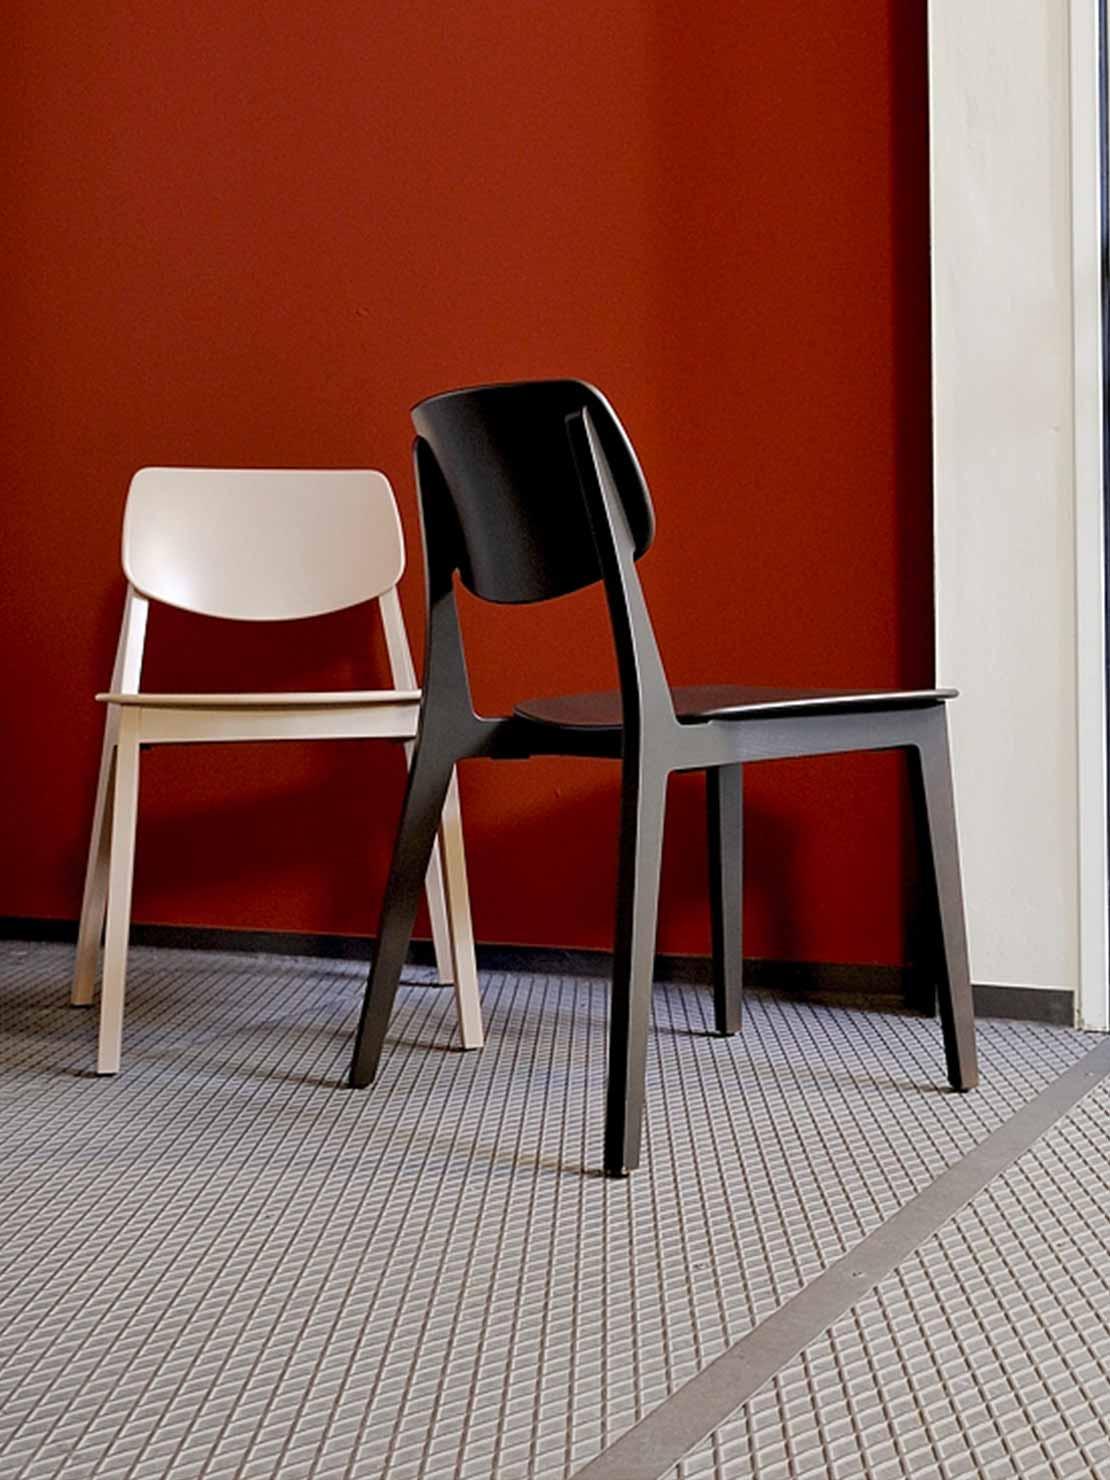 dietiker le corbusier m bel st hle hochwertige sitzm bell sungen. Black Bedroom Furniture Sets. Home Design Ideas